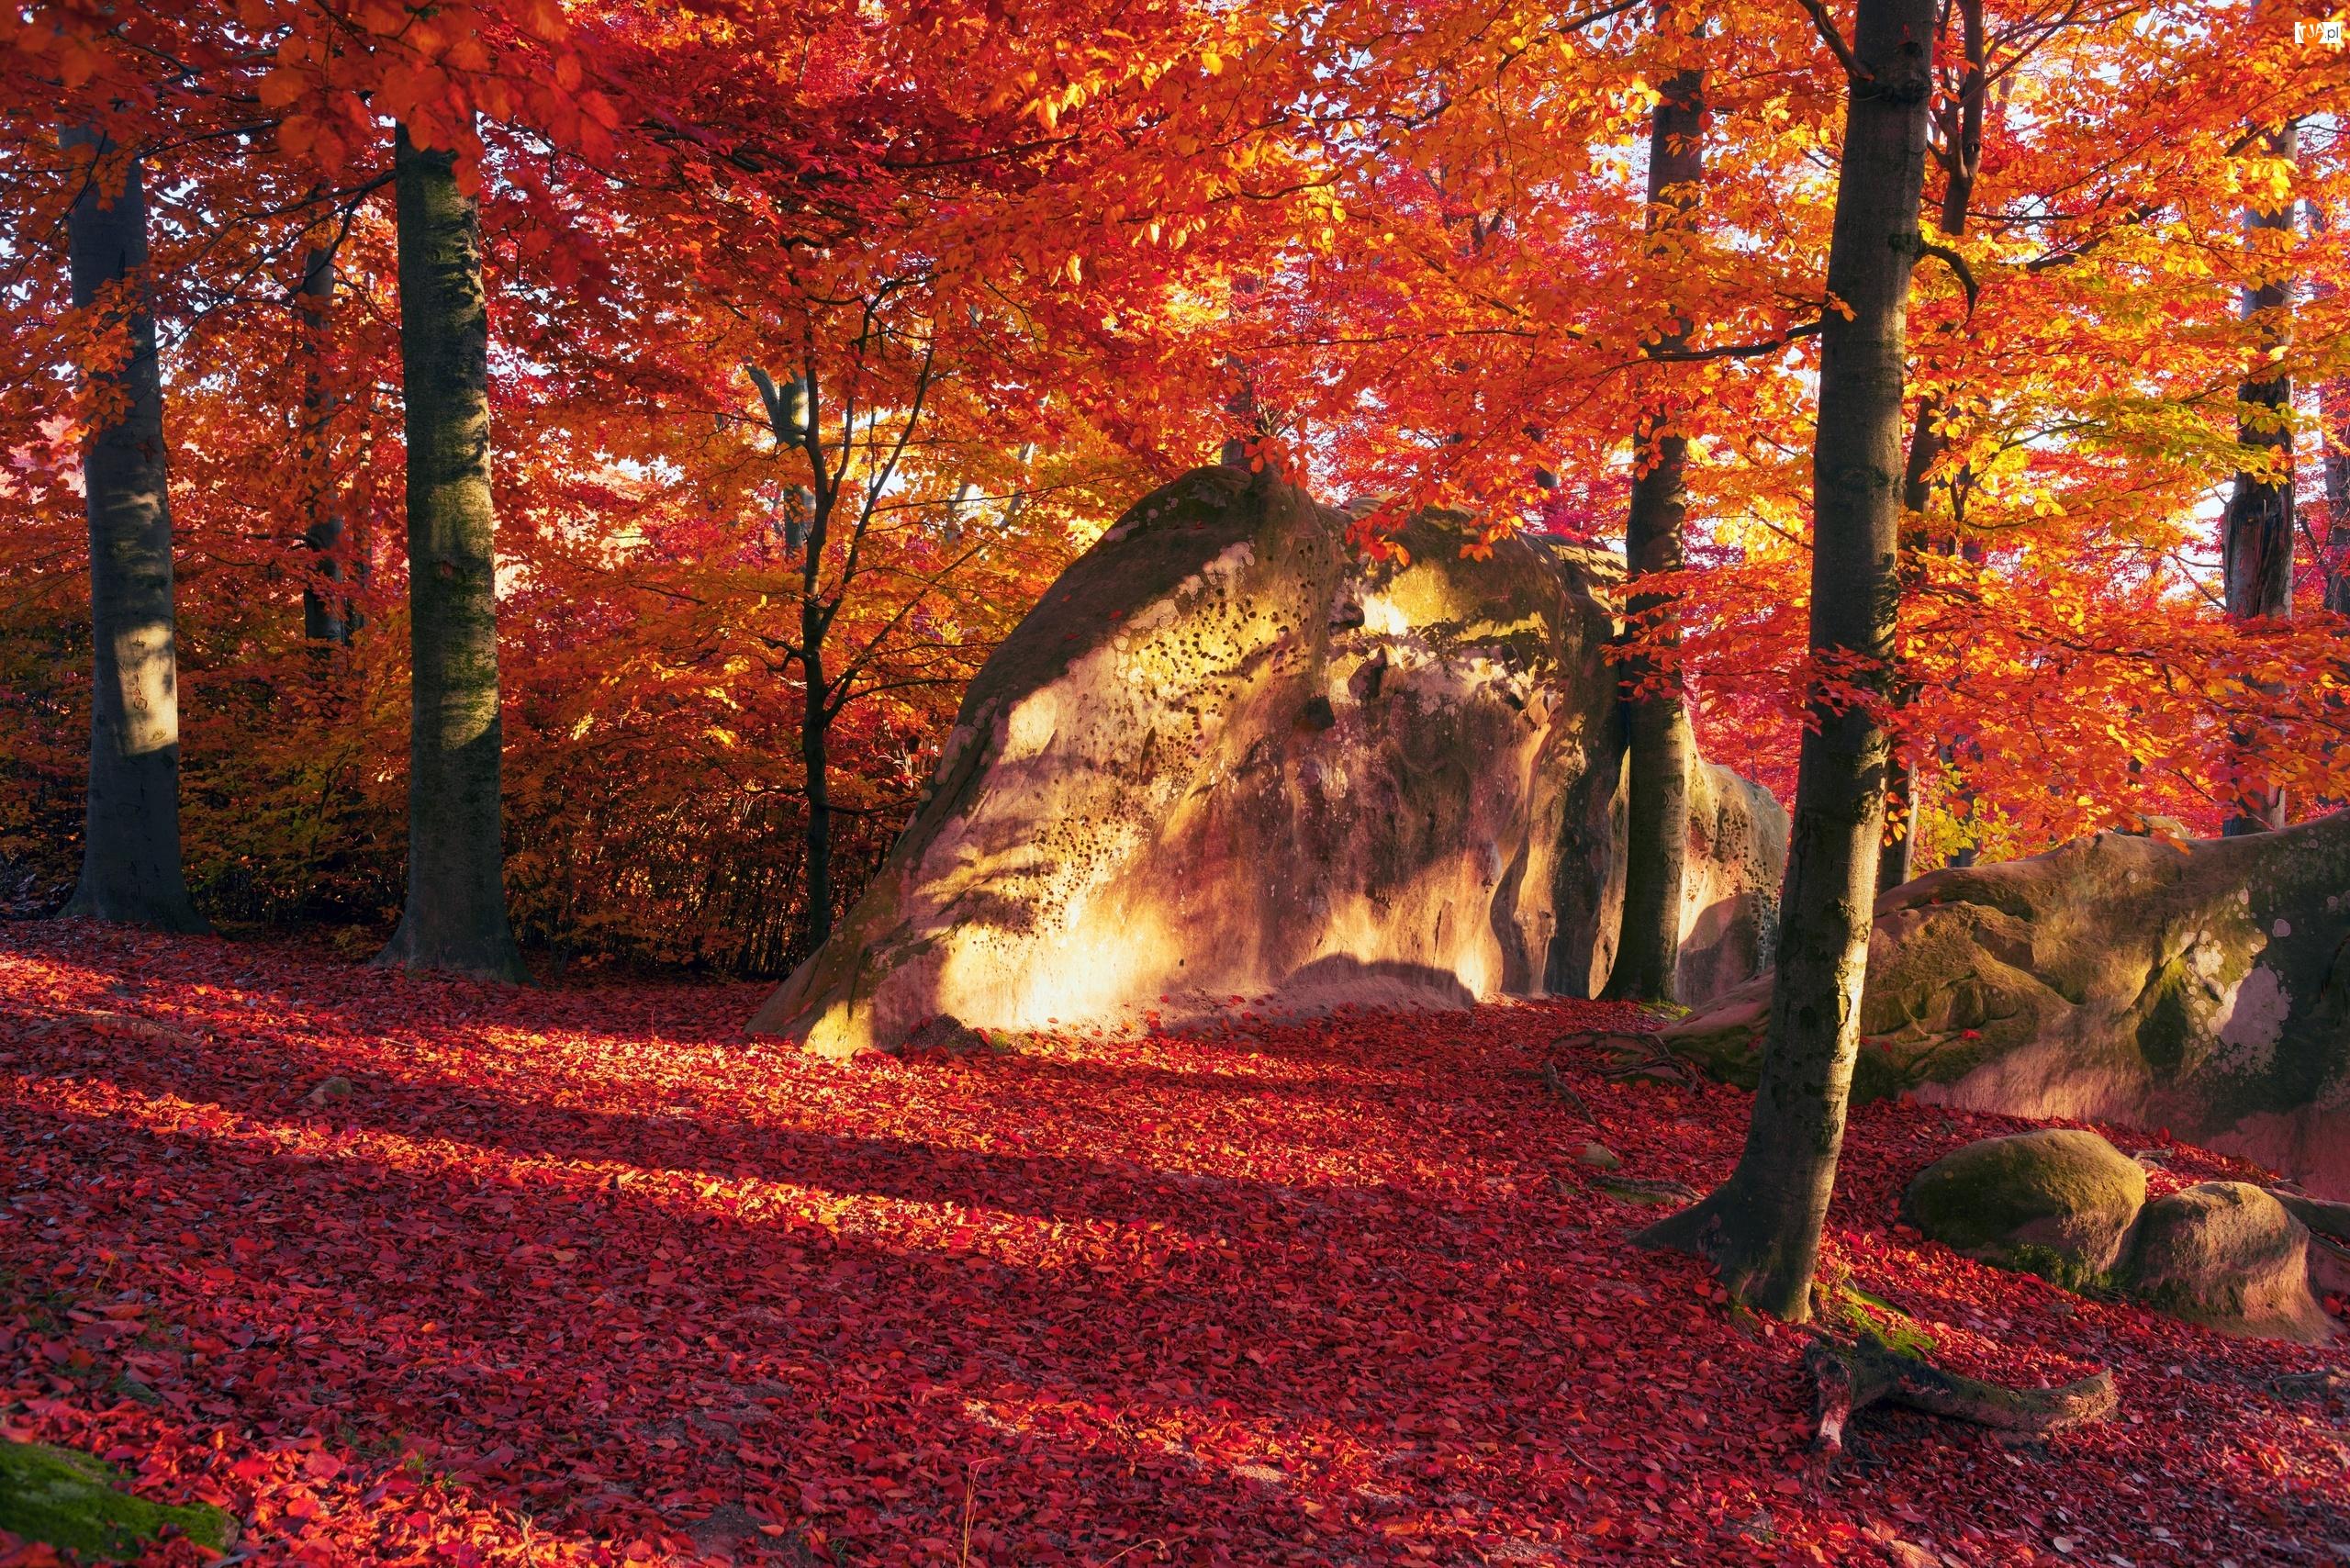 Liście, Las, Karpaty, Ukraina, Promienie słońca, Jesień, Skały